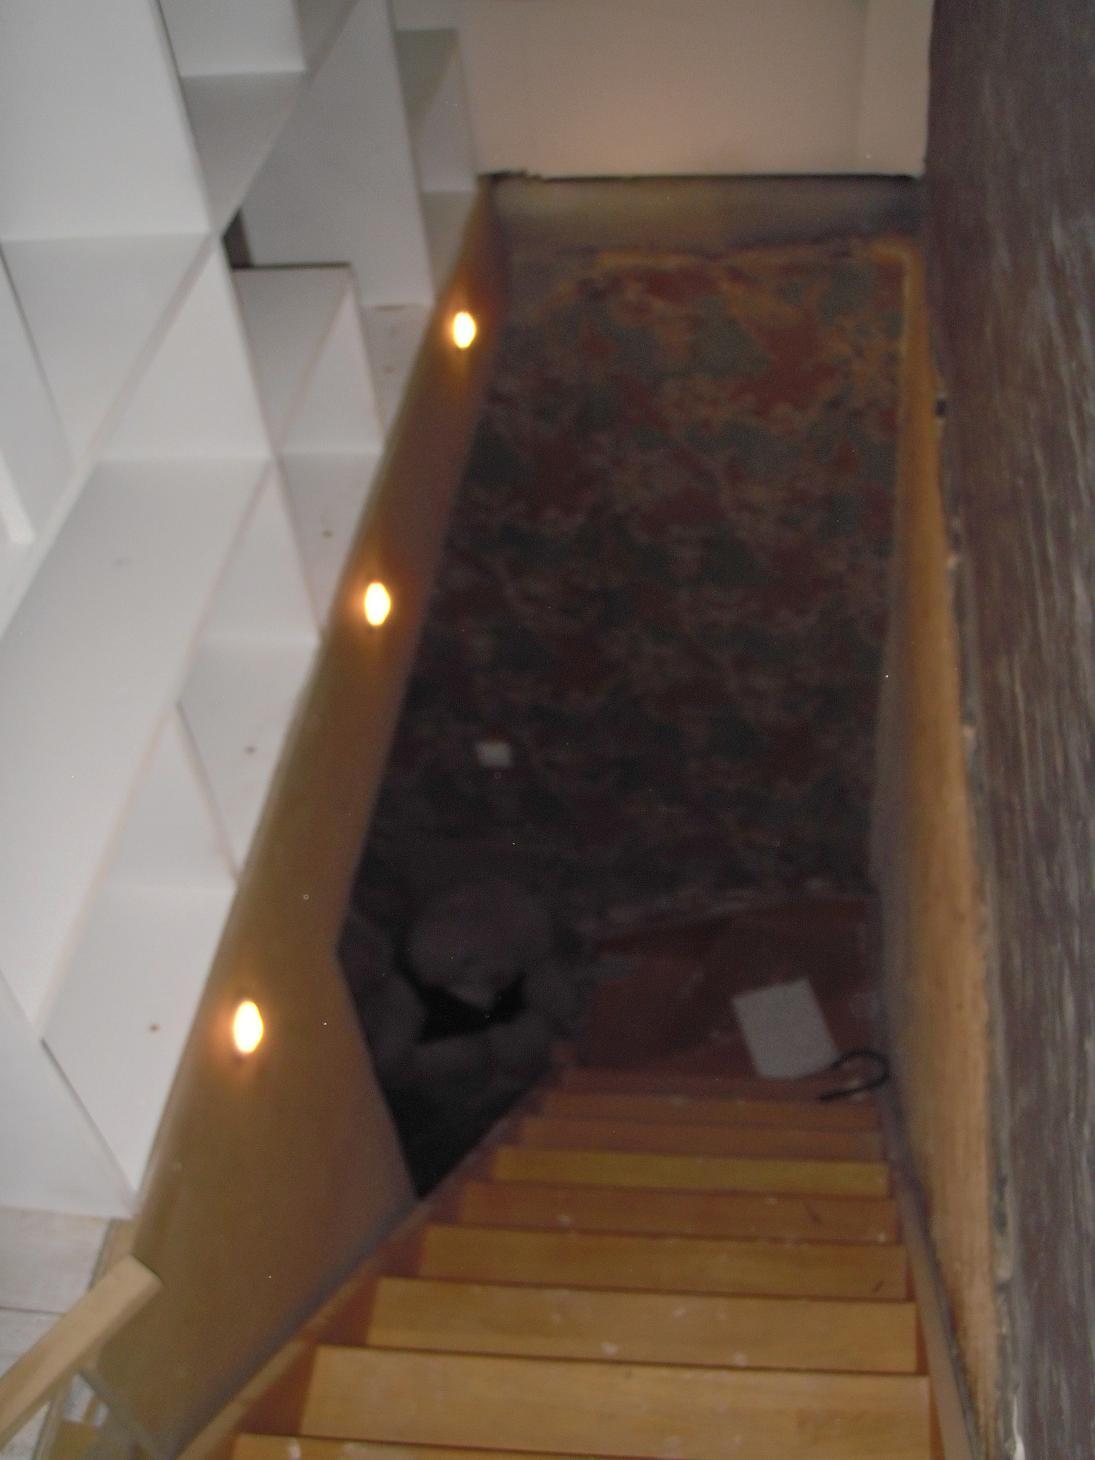 Escalier Sous Sol Simple Escalier En Hickory Huil Soussol With